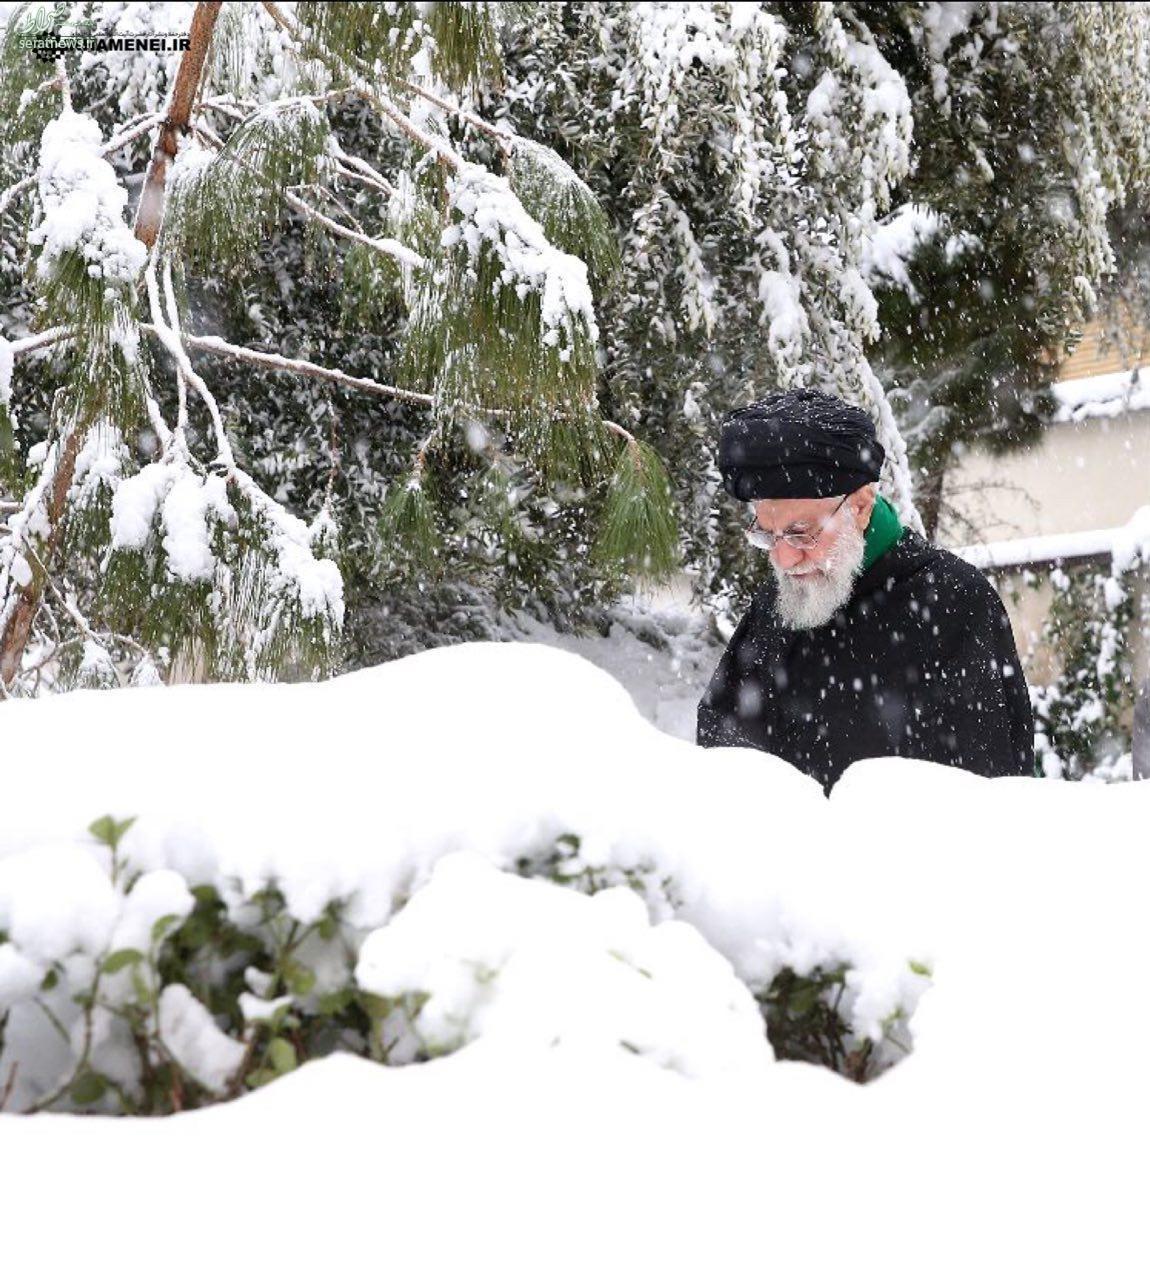 نتیجه تصویری برای رهبر در برف